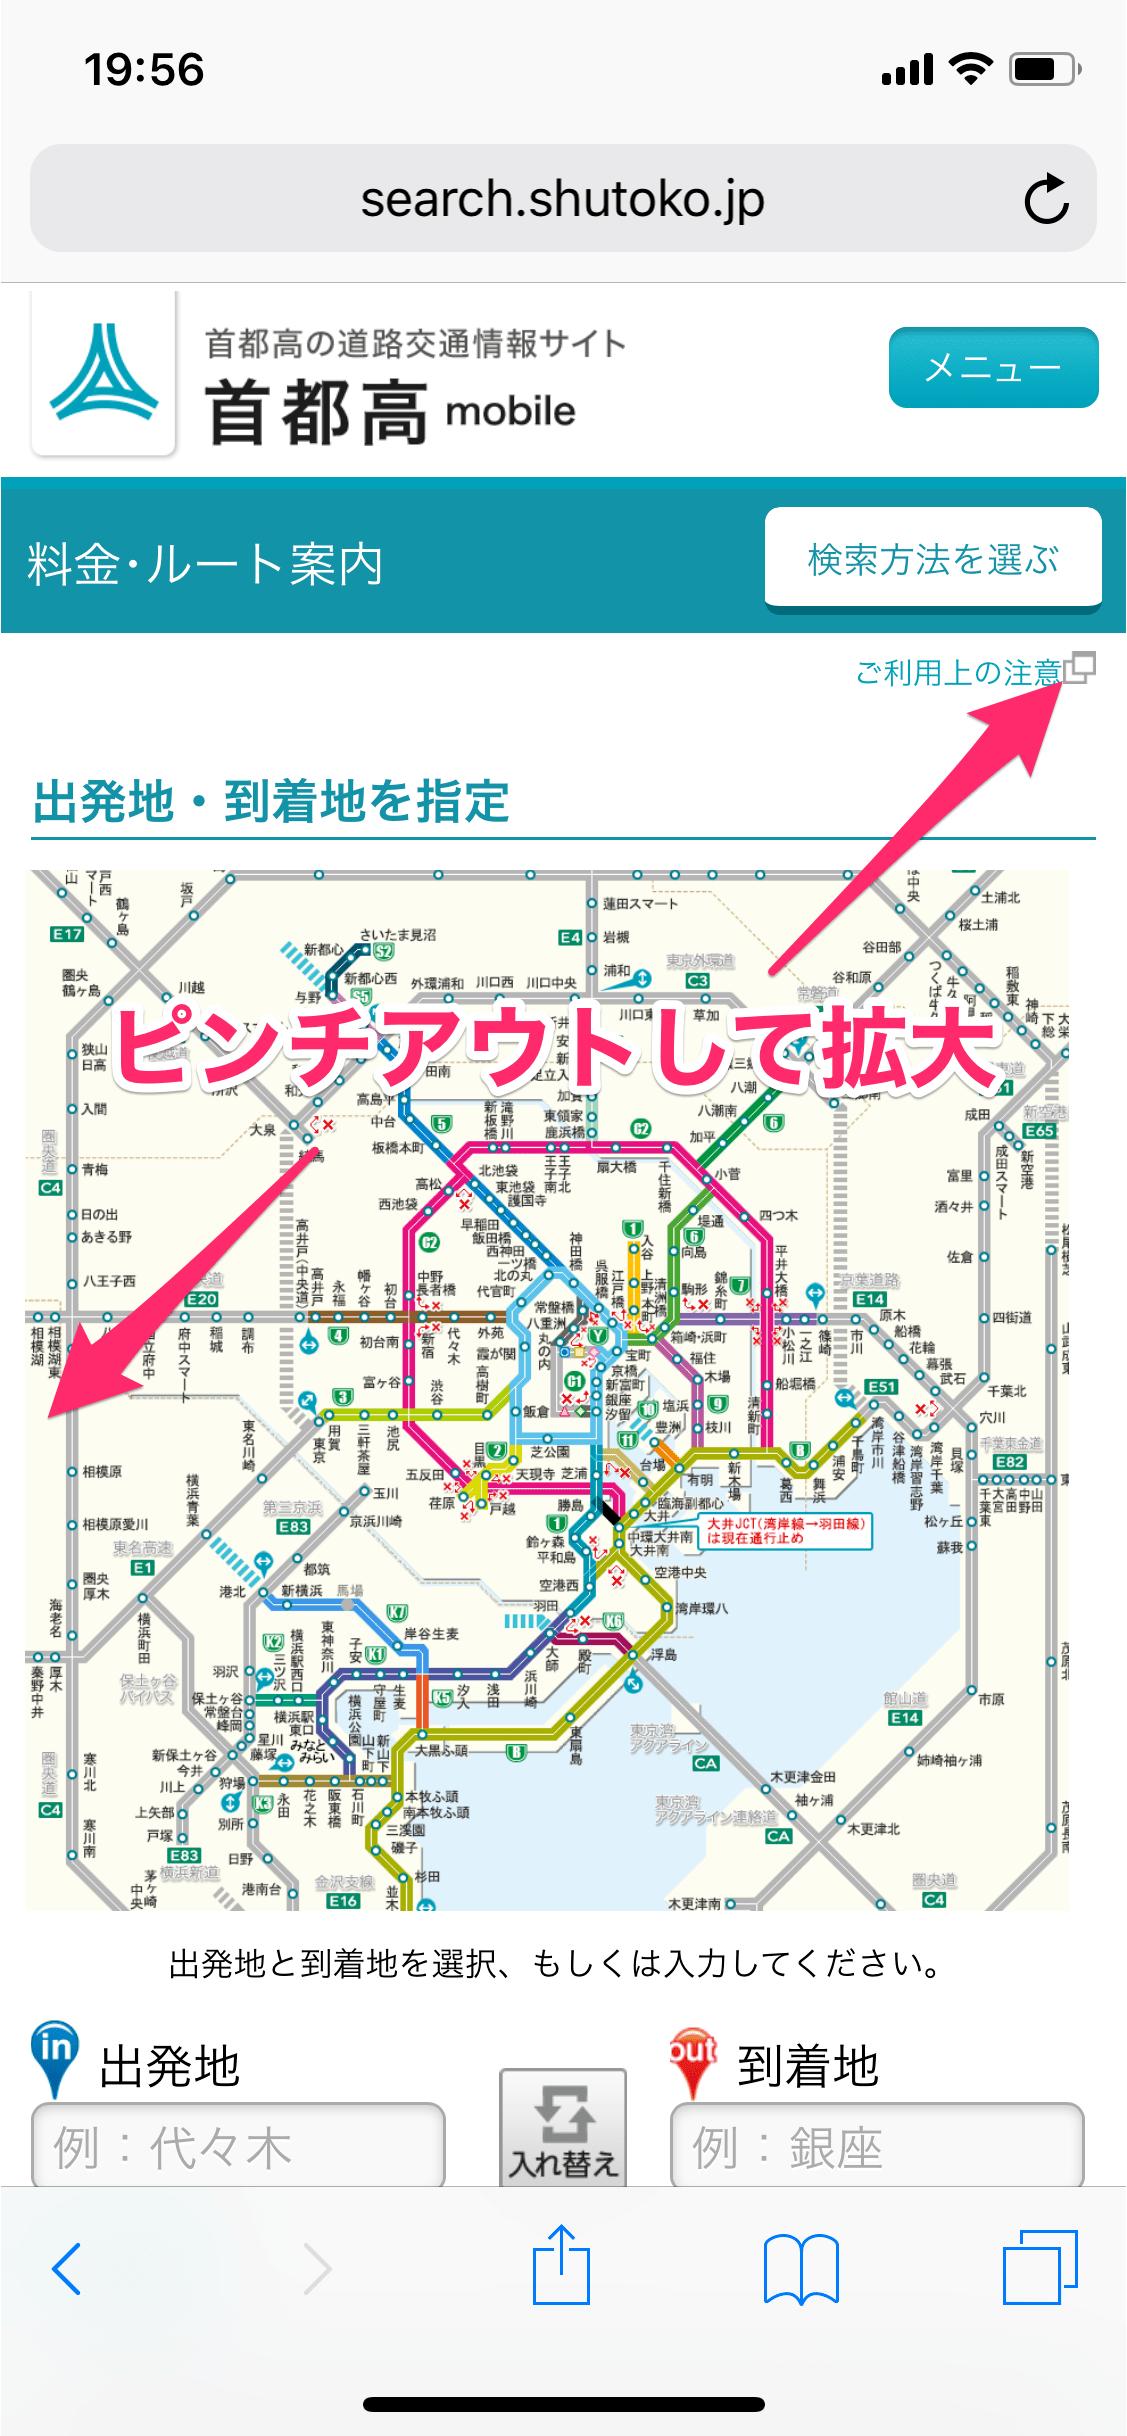 【首都高mobile】要注意地点や走行動画も! 予習に最適なルート案内サイトを使いこなす